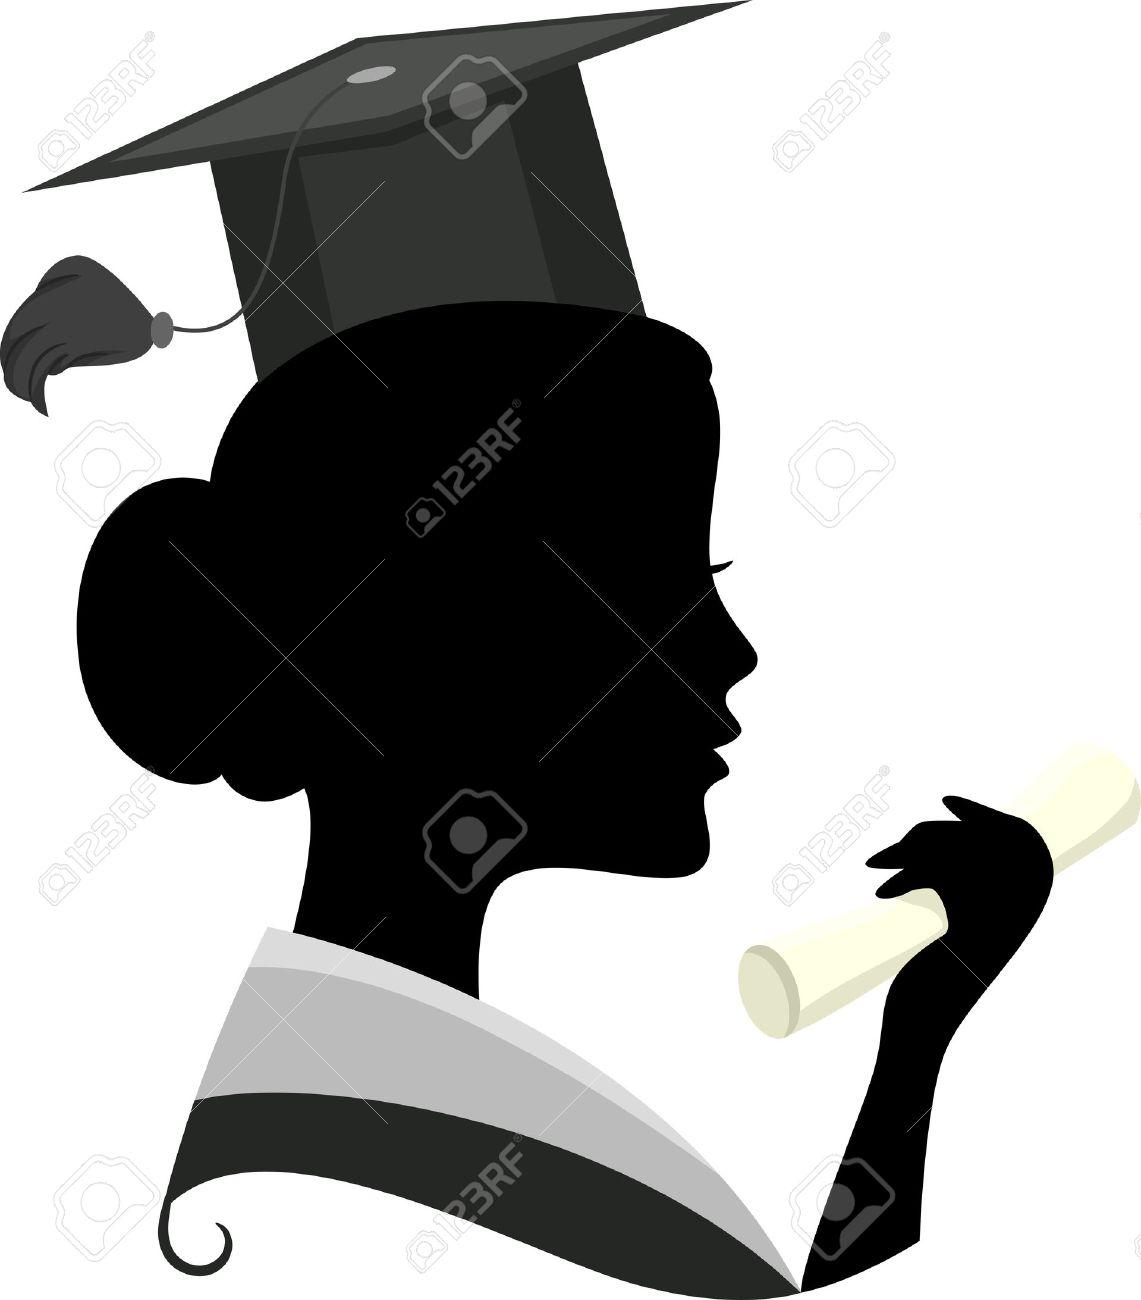 36cc32b82 Ilustración con la silueta de una mujer que llevaba un traje de graduación  Foto de archivo